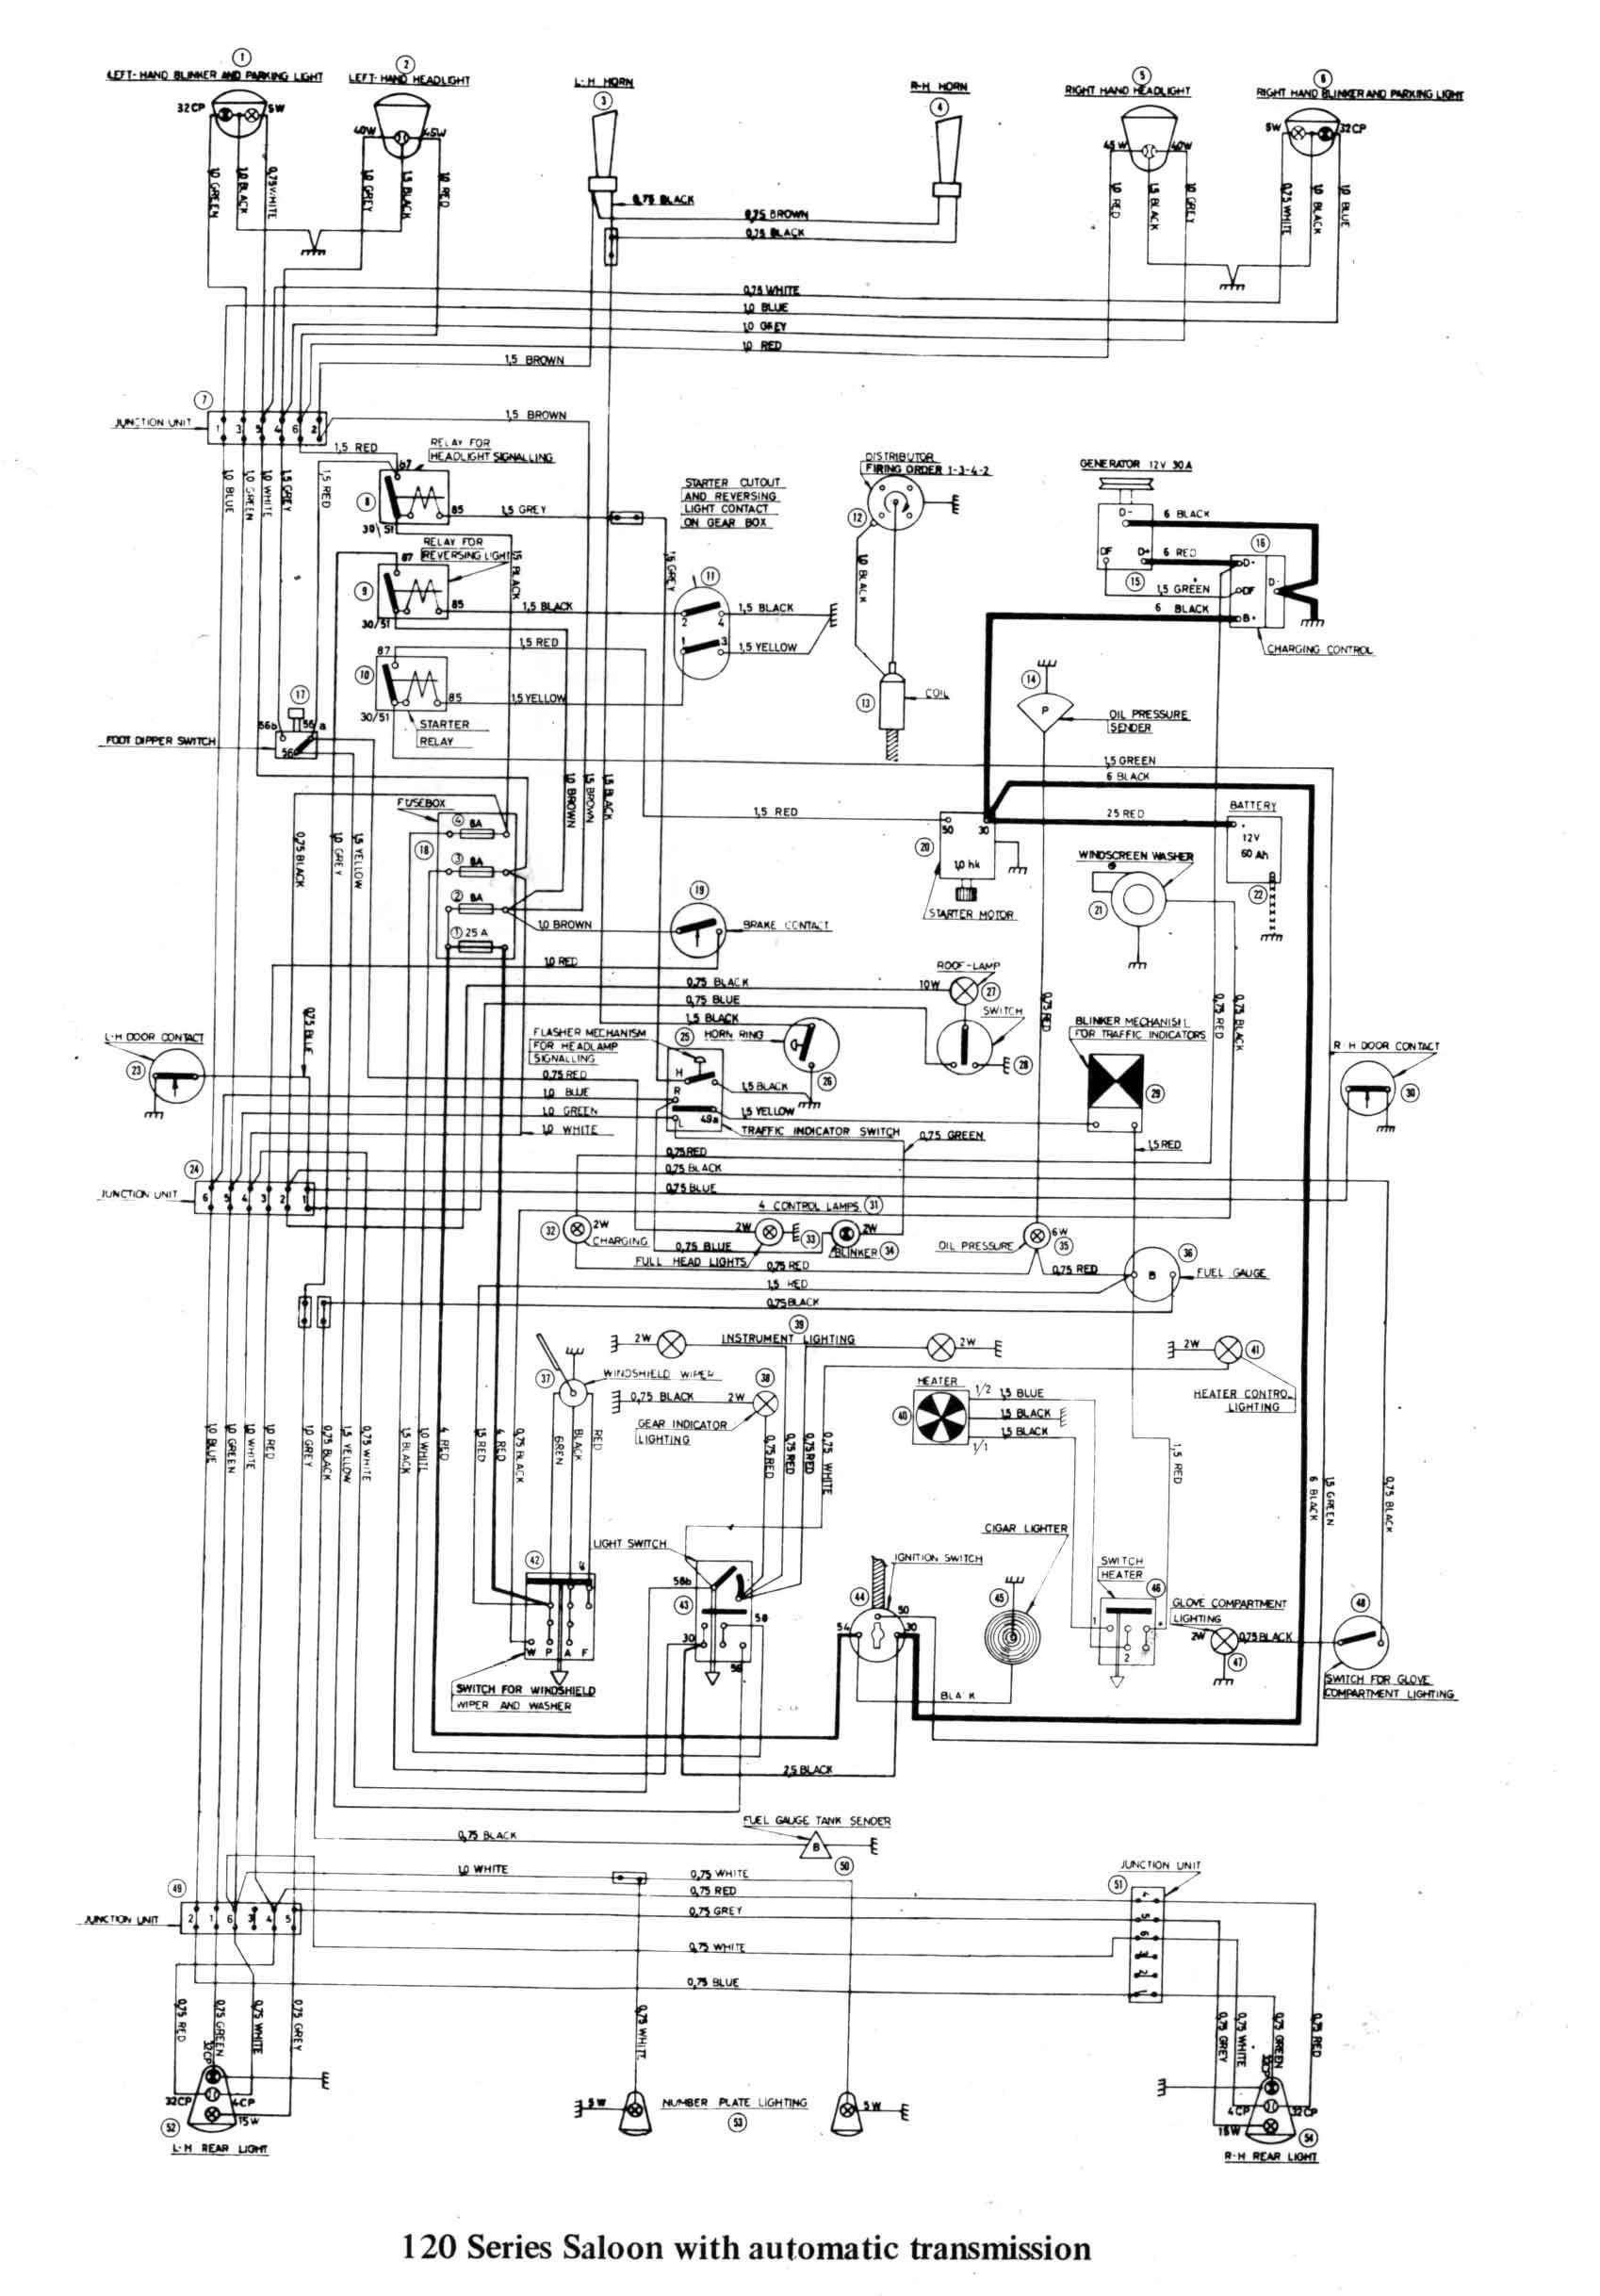 Wiring Diagram Bathroom | Trailer wiring diagram, Diagram design, Electrical  wiring diagramPinterest